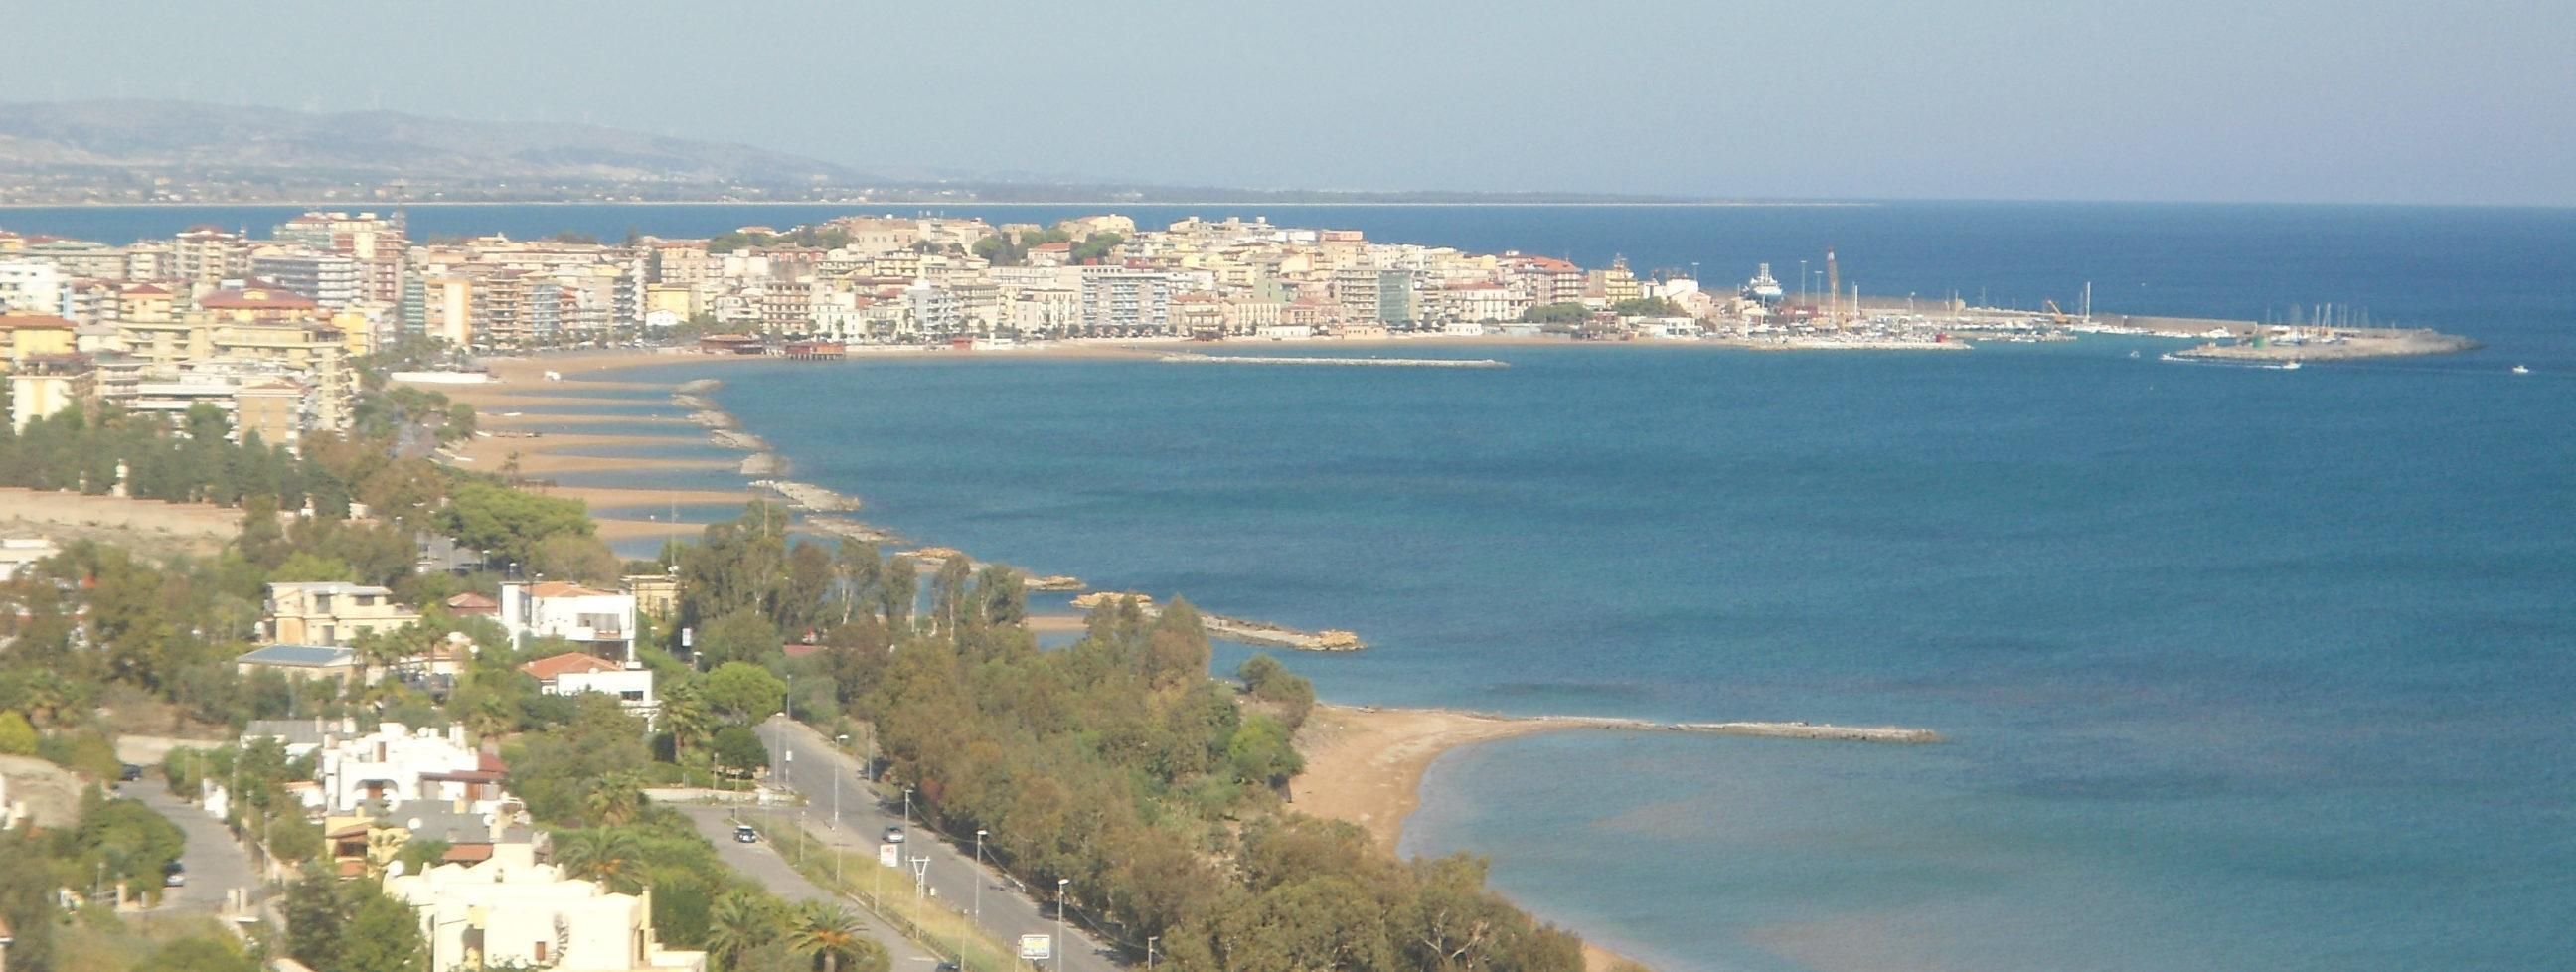 Terreno in vendita edificabile di 1.000 mq circa vista mare sulla costa